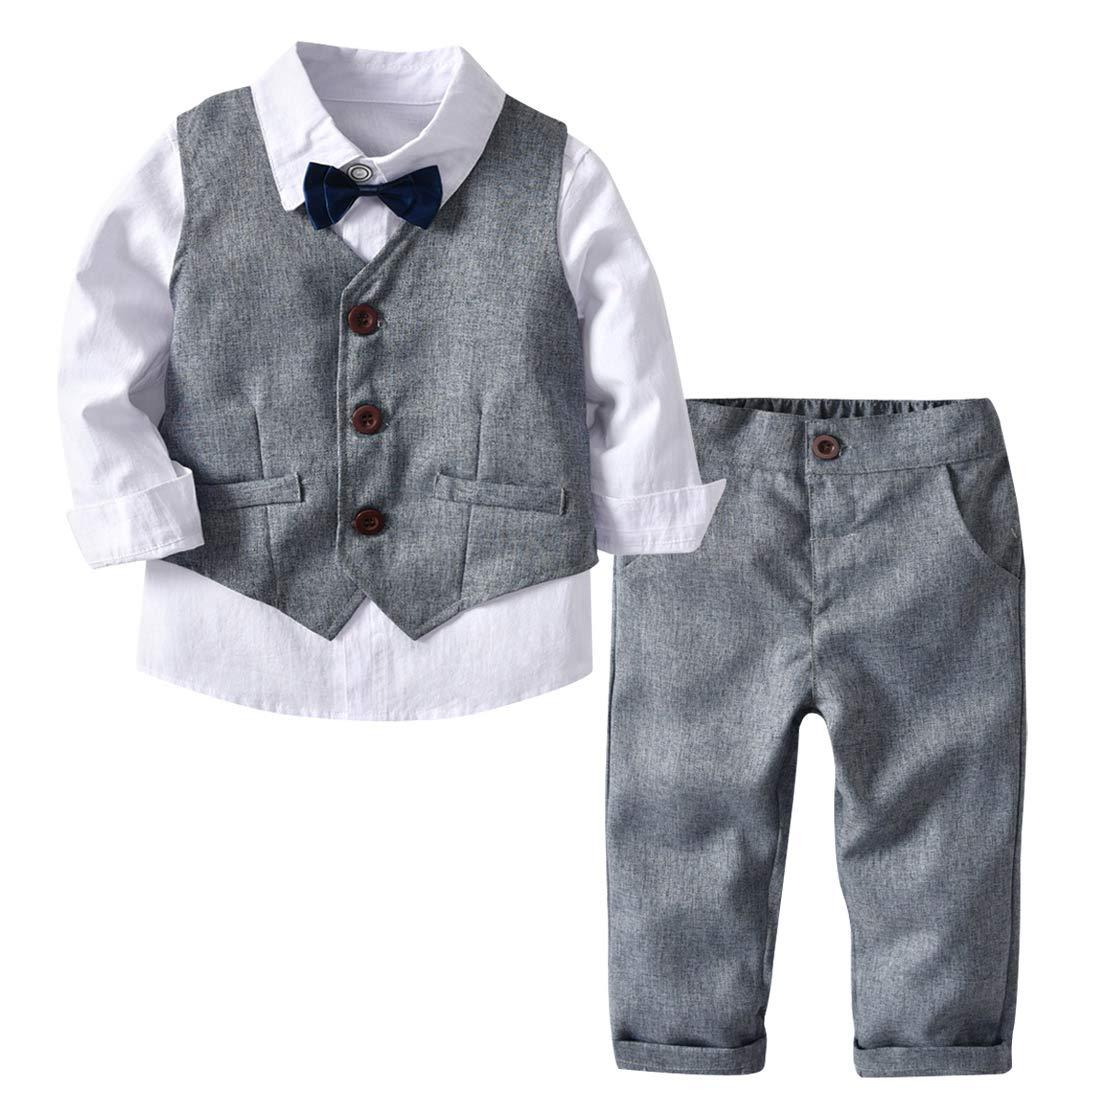 4Pcs Toddler Baby Boy Formal Outfit Tuxedo Gentleman Suit Romper Vest Pants Bowtie Outfit Clothes Set Grey S